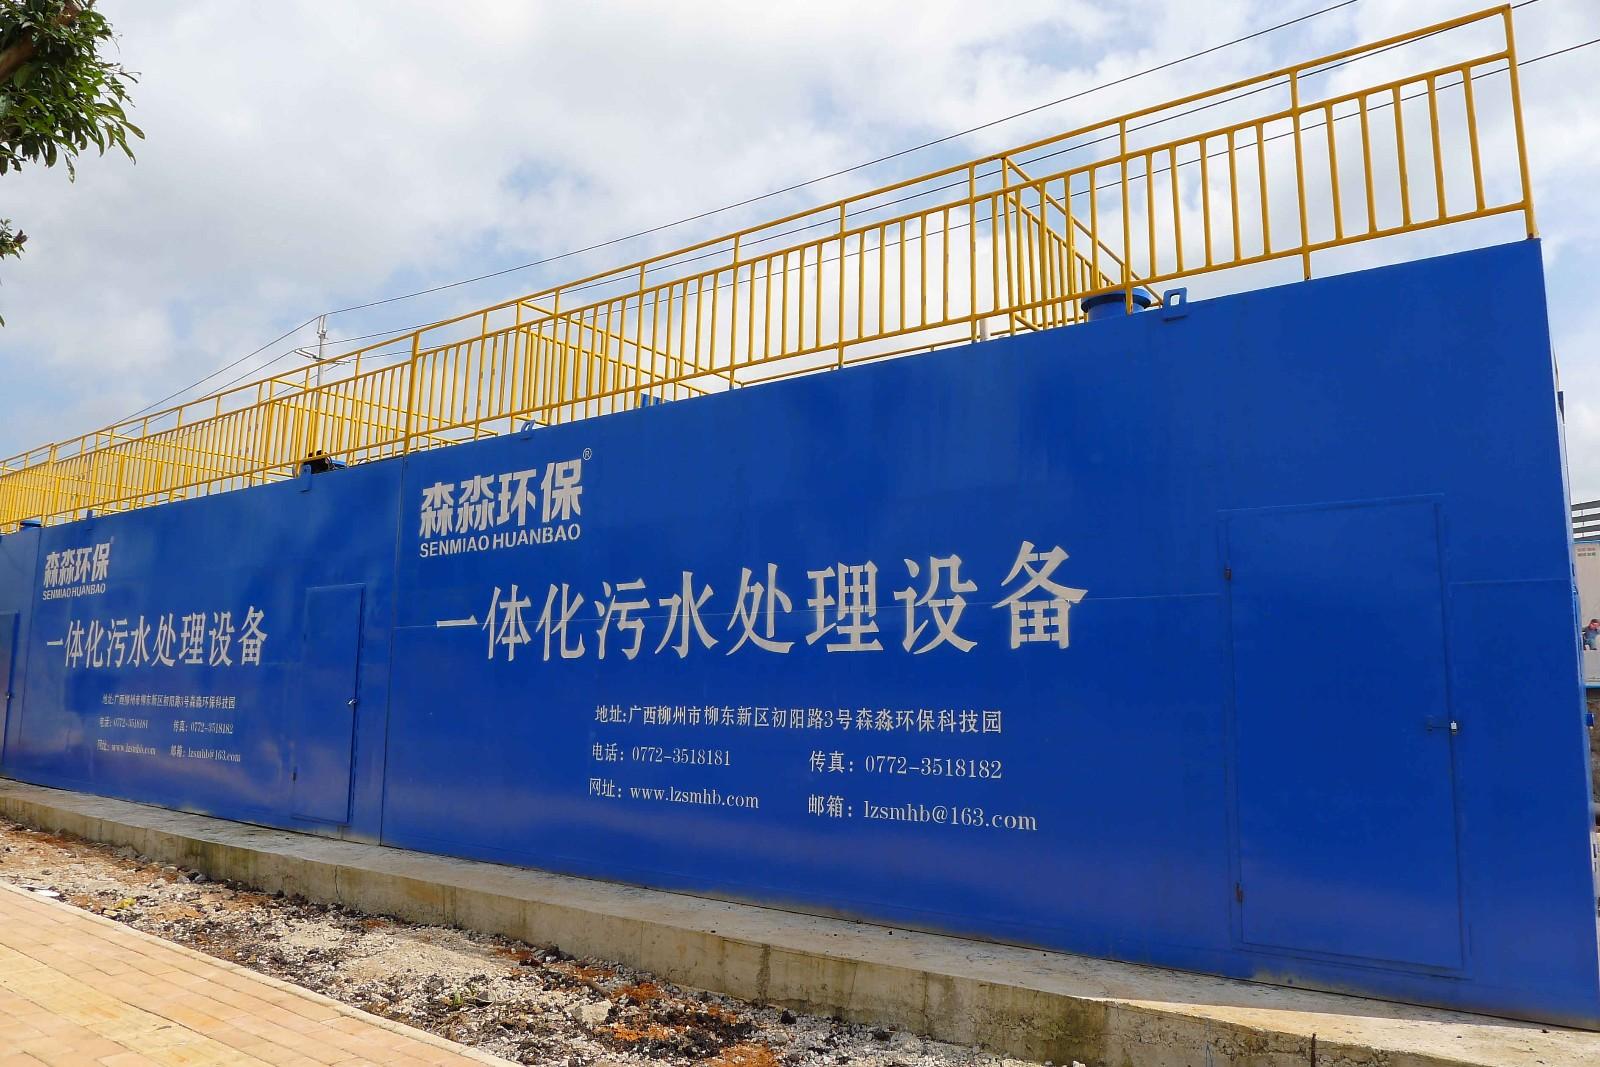 生活污水、工业综合污水设施委托运营|工业污水运维中心-广西森淼环保科技有限公司